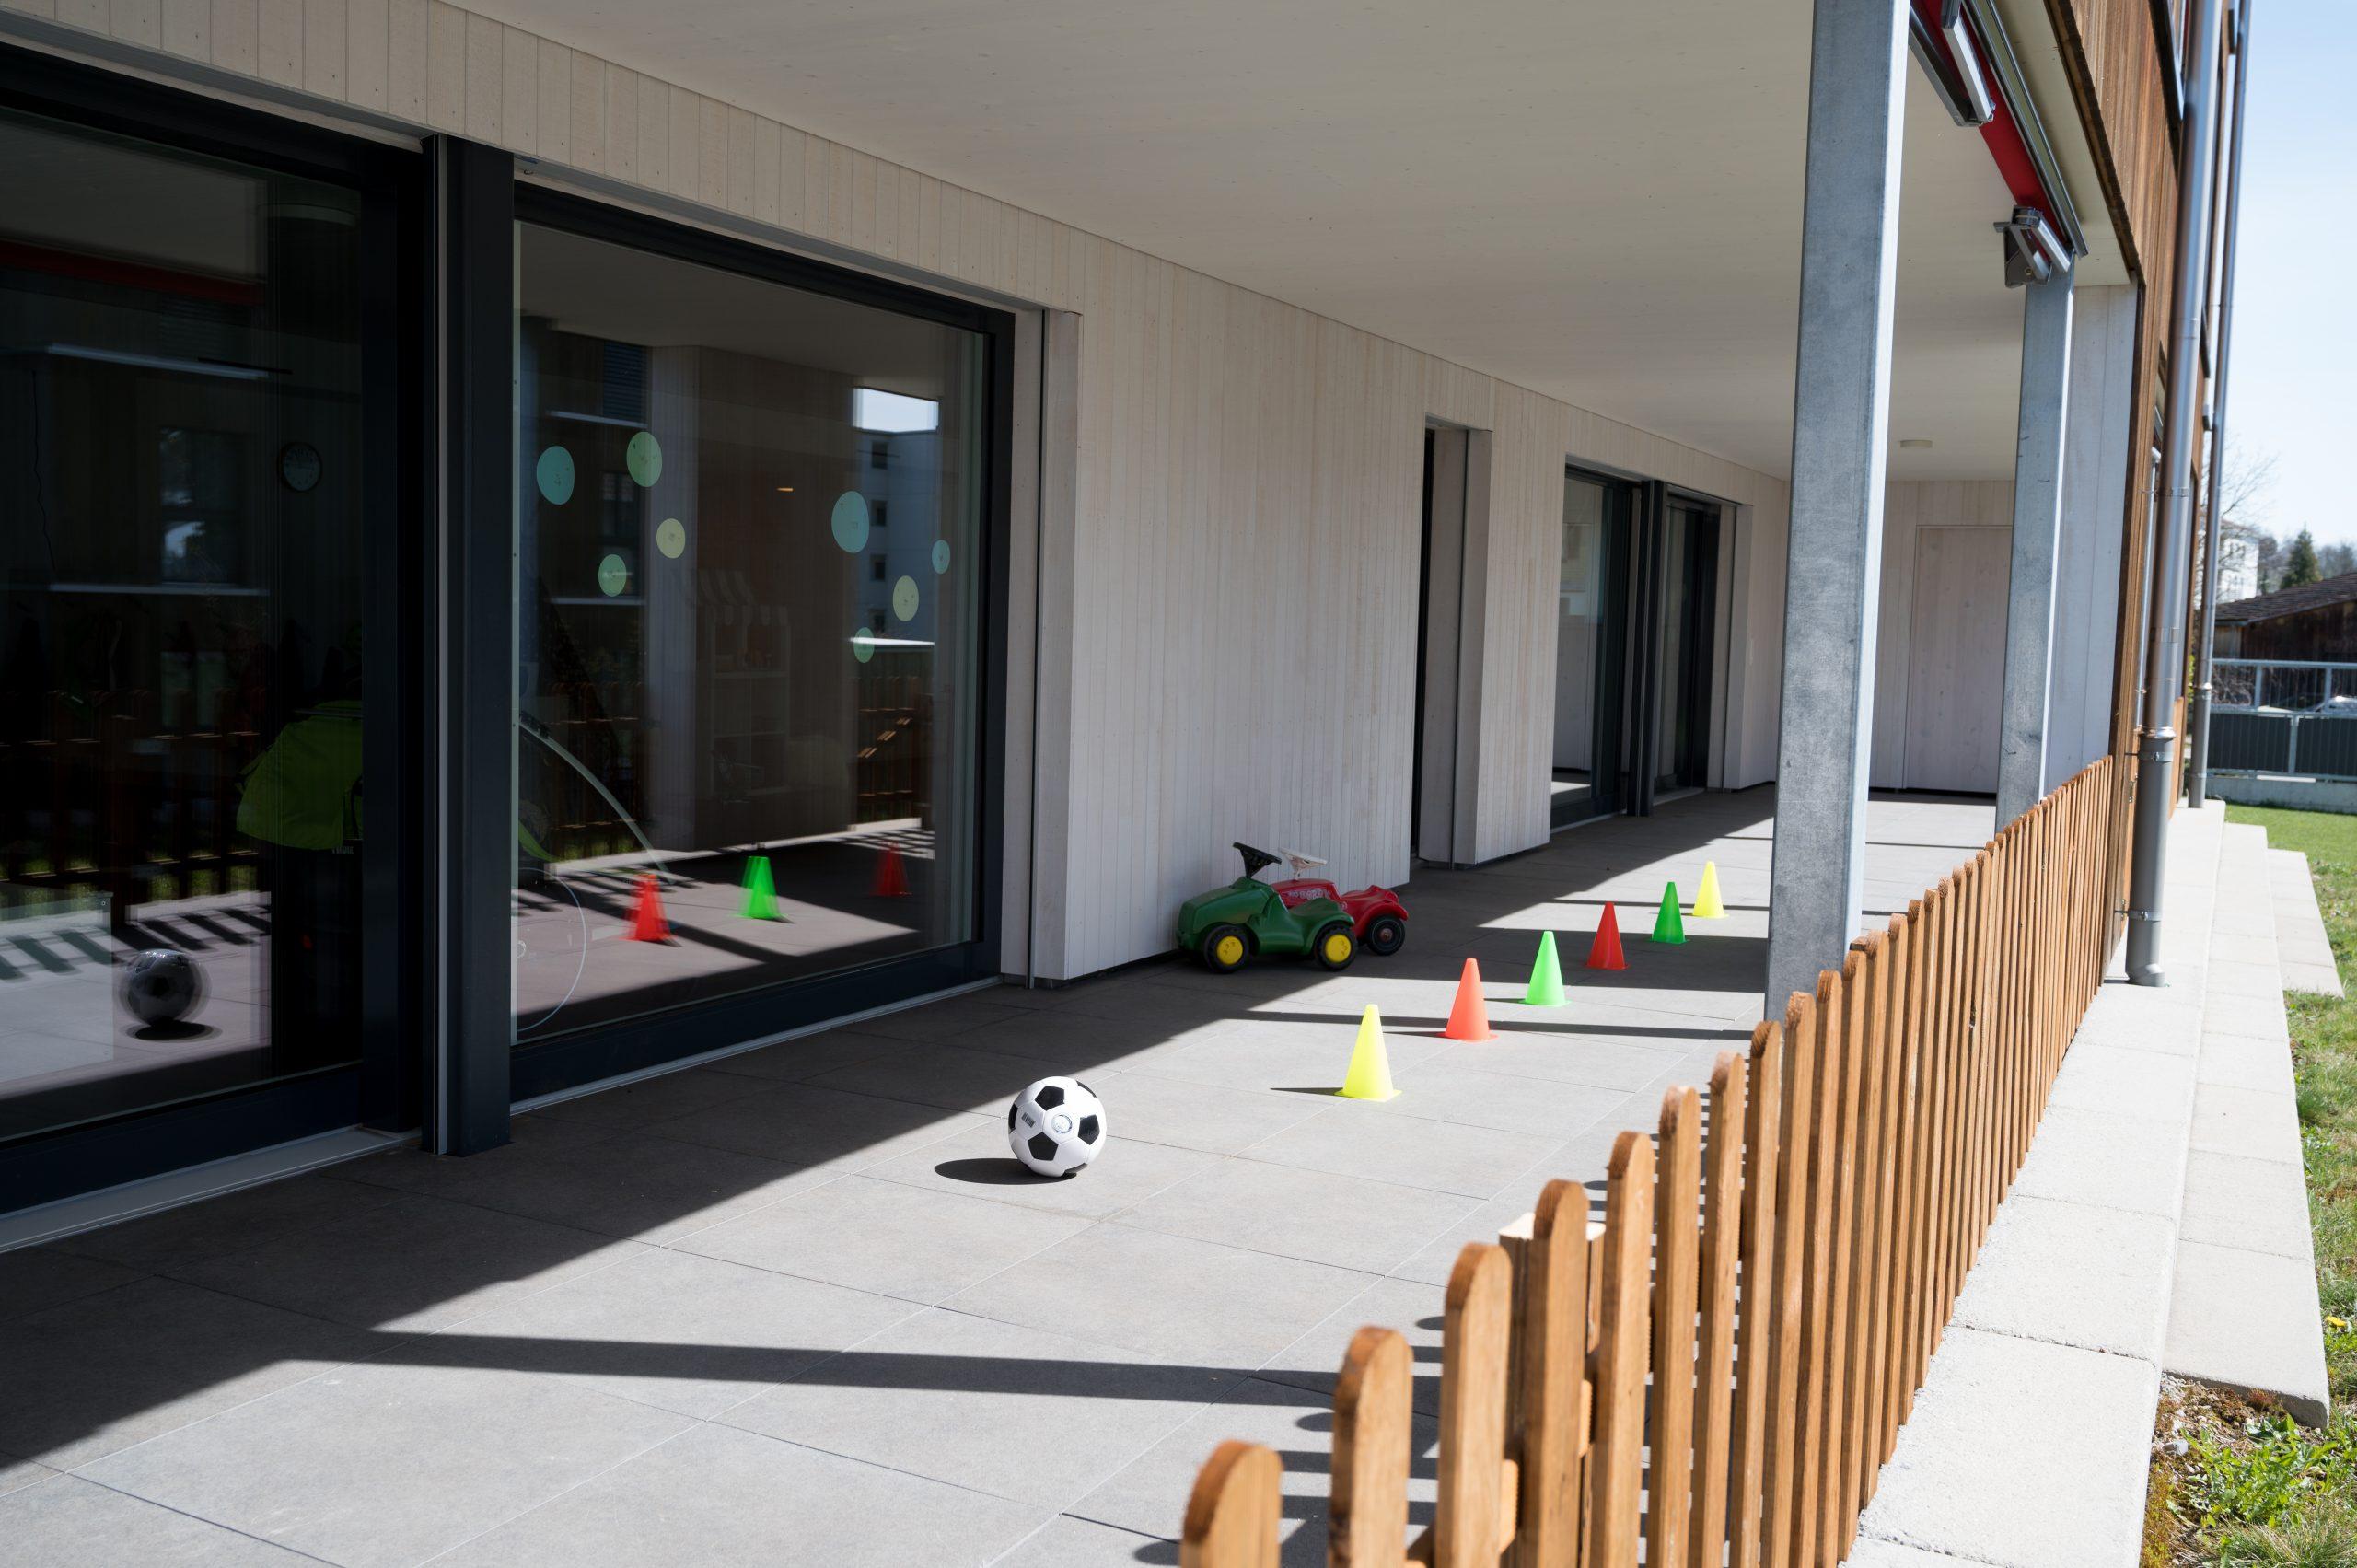 Geschützter Aussenbereich, wo die Kinder bei schönem Wetter spielen können